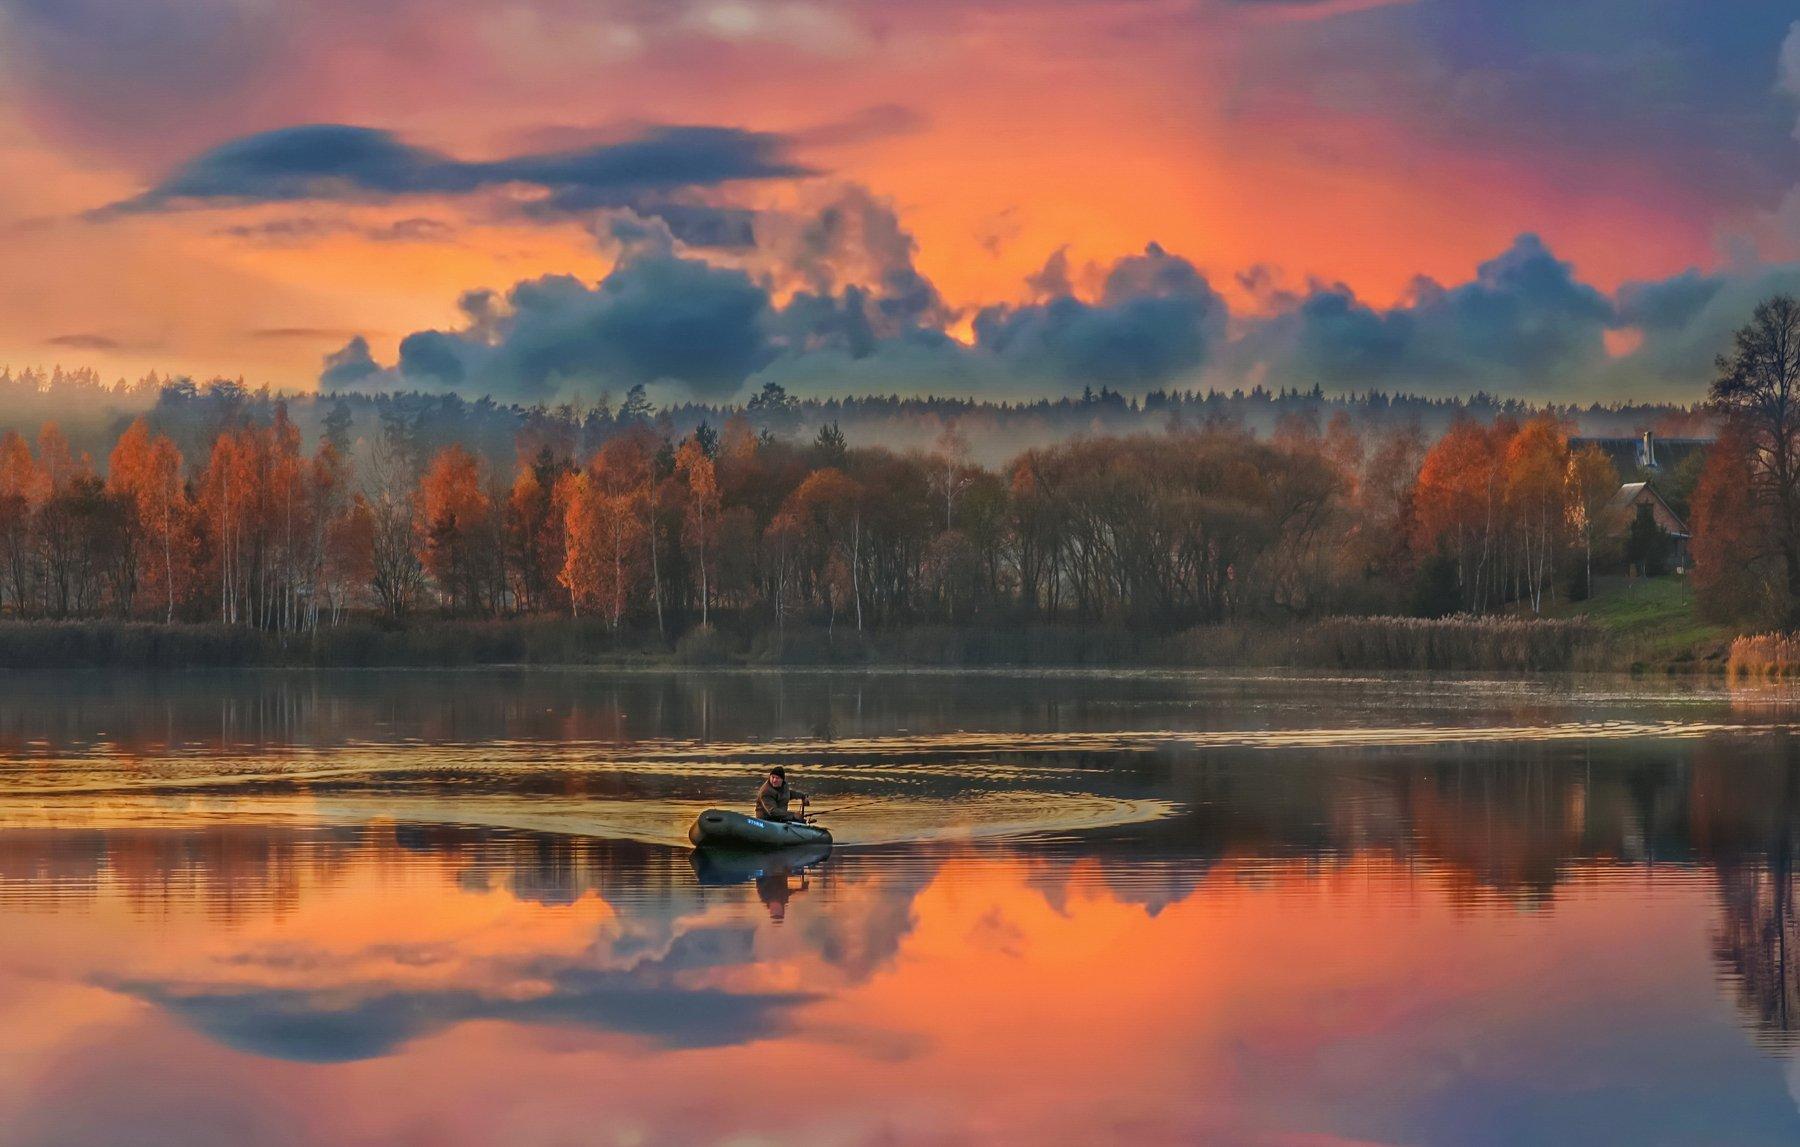 Знает каждый рыболов - на закате лучший клёв... Александр Гвоздь